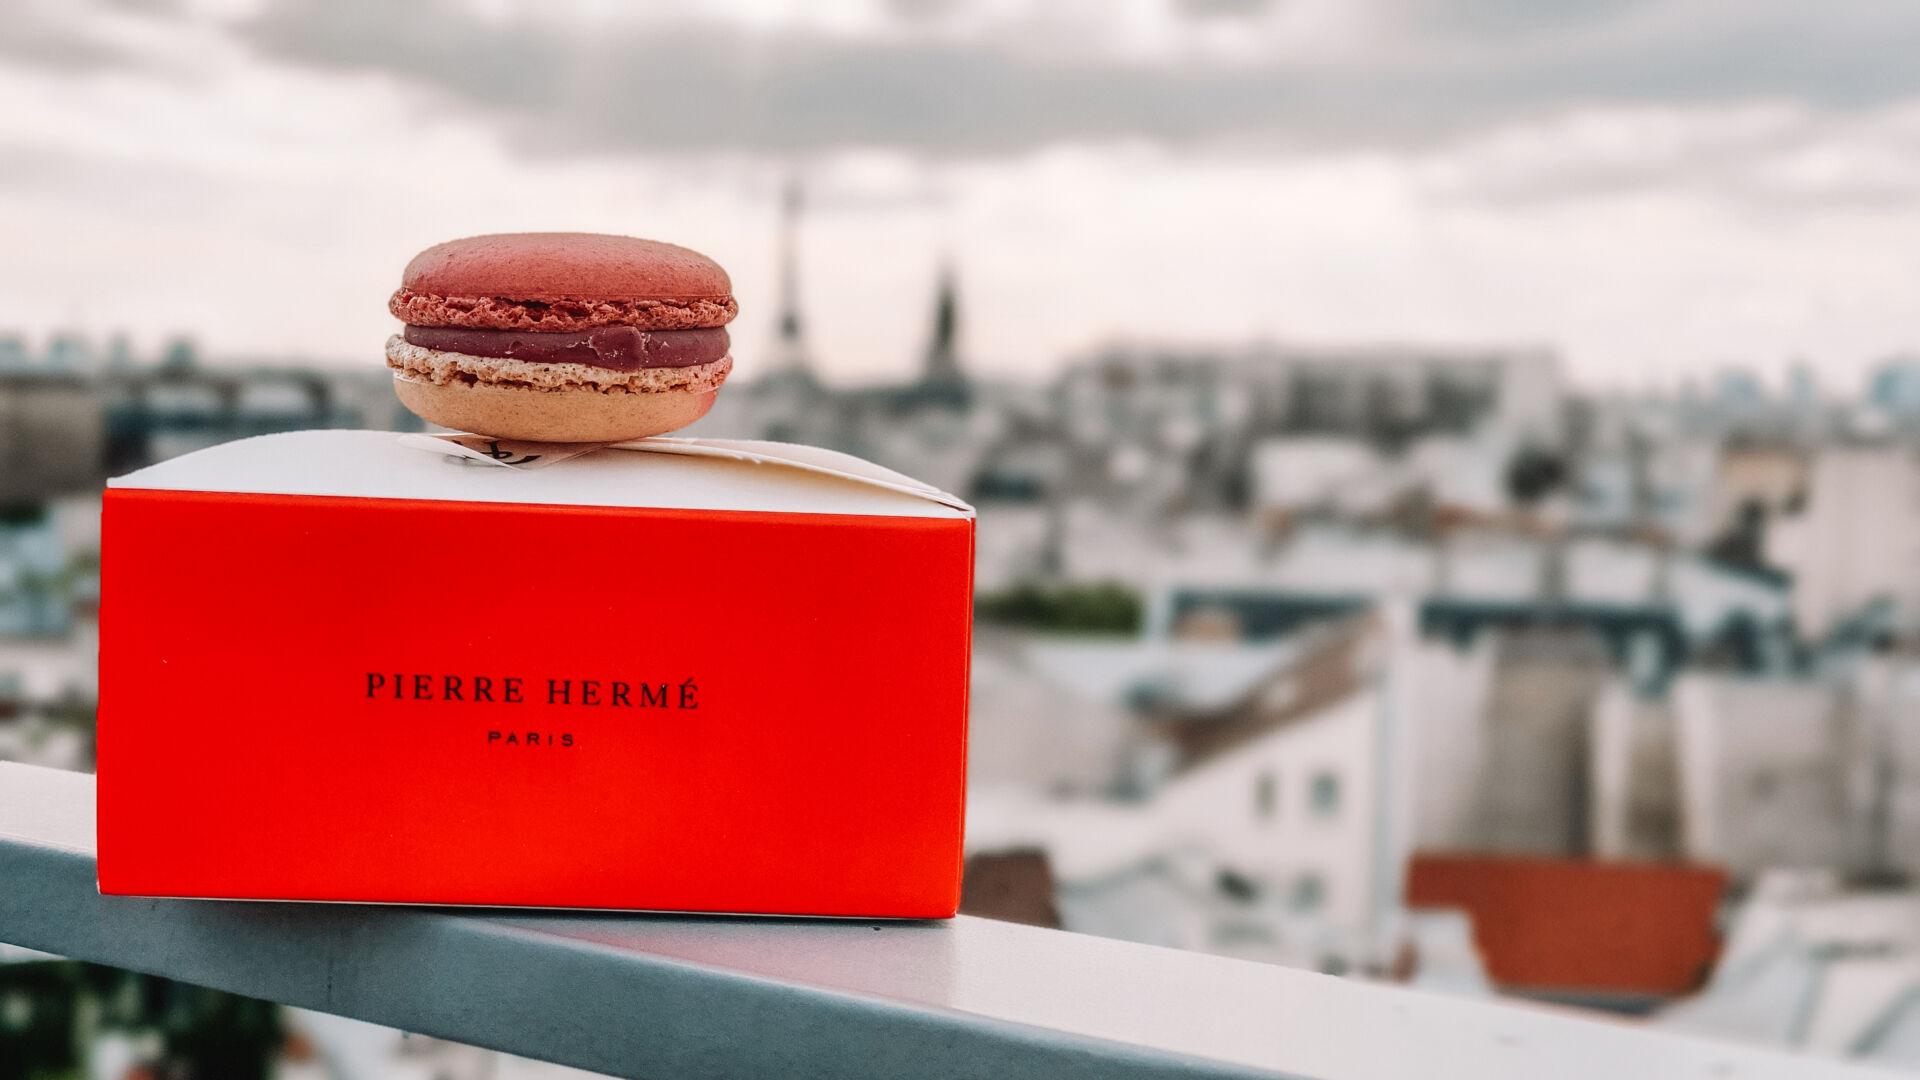 Pierre Herme Paris Macarons box